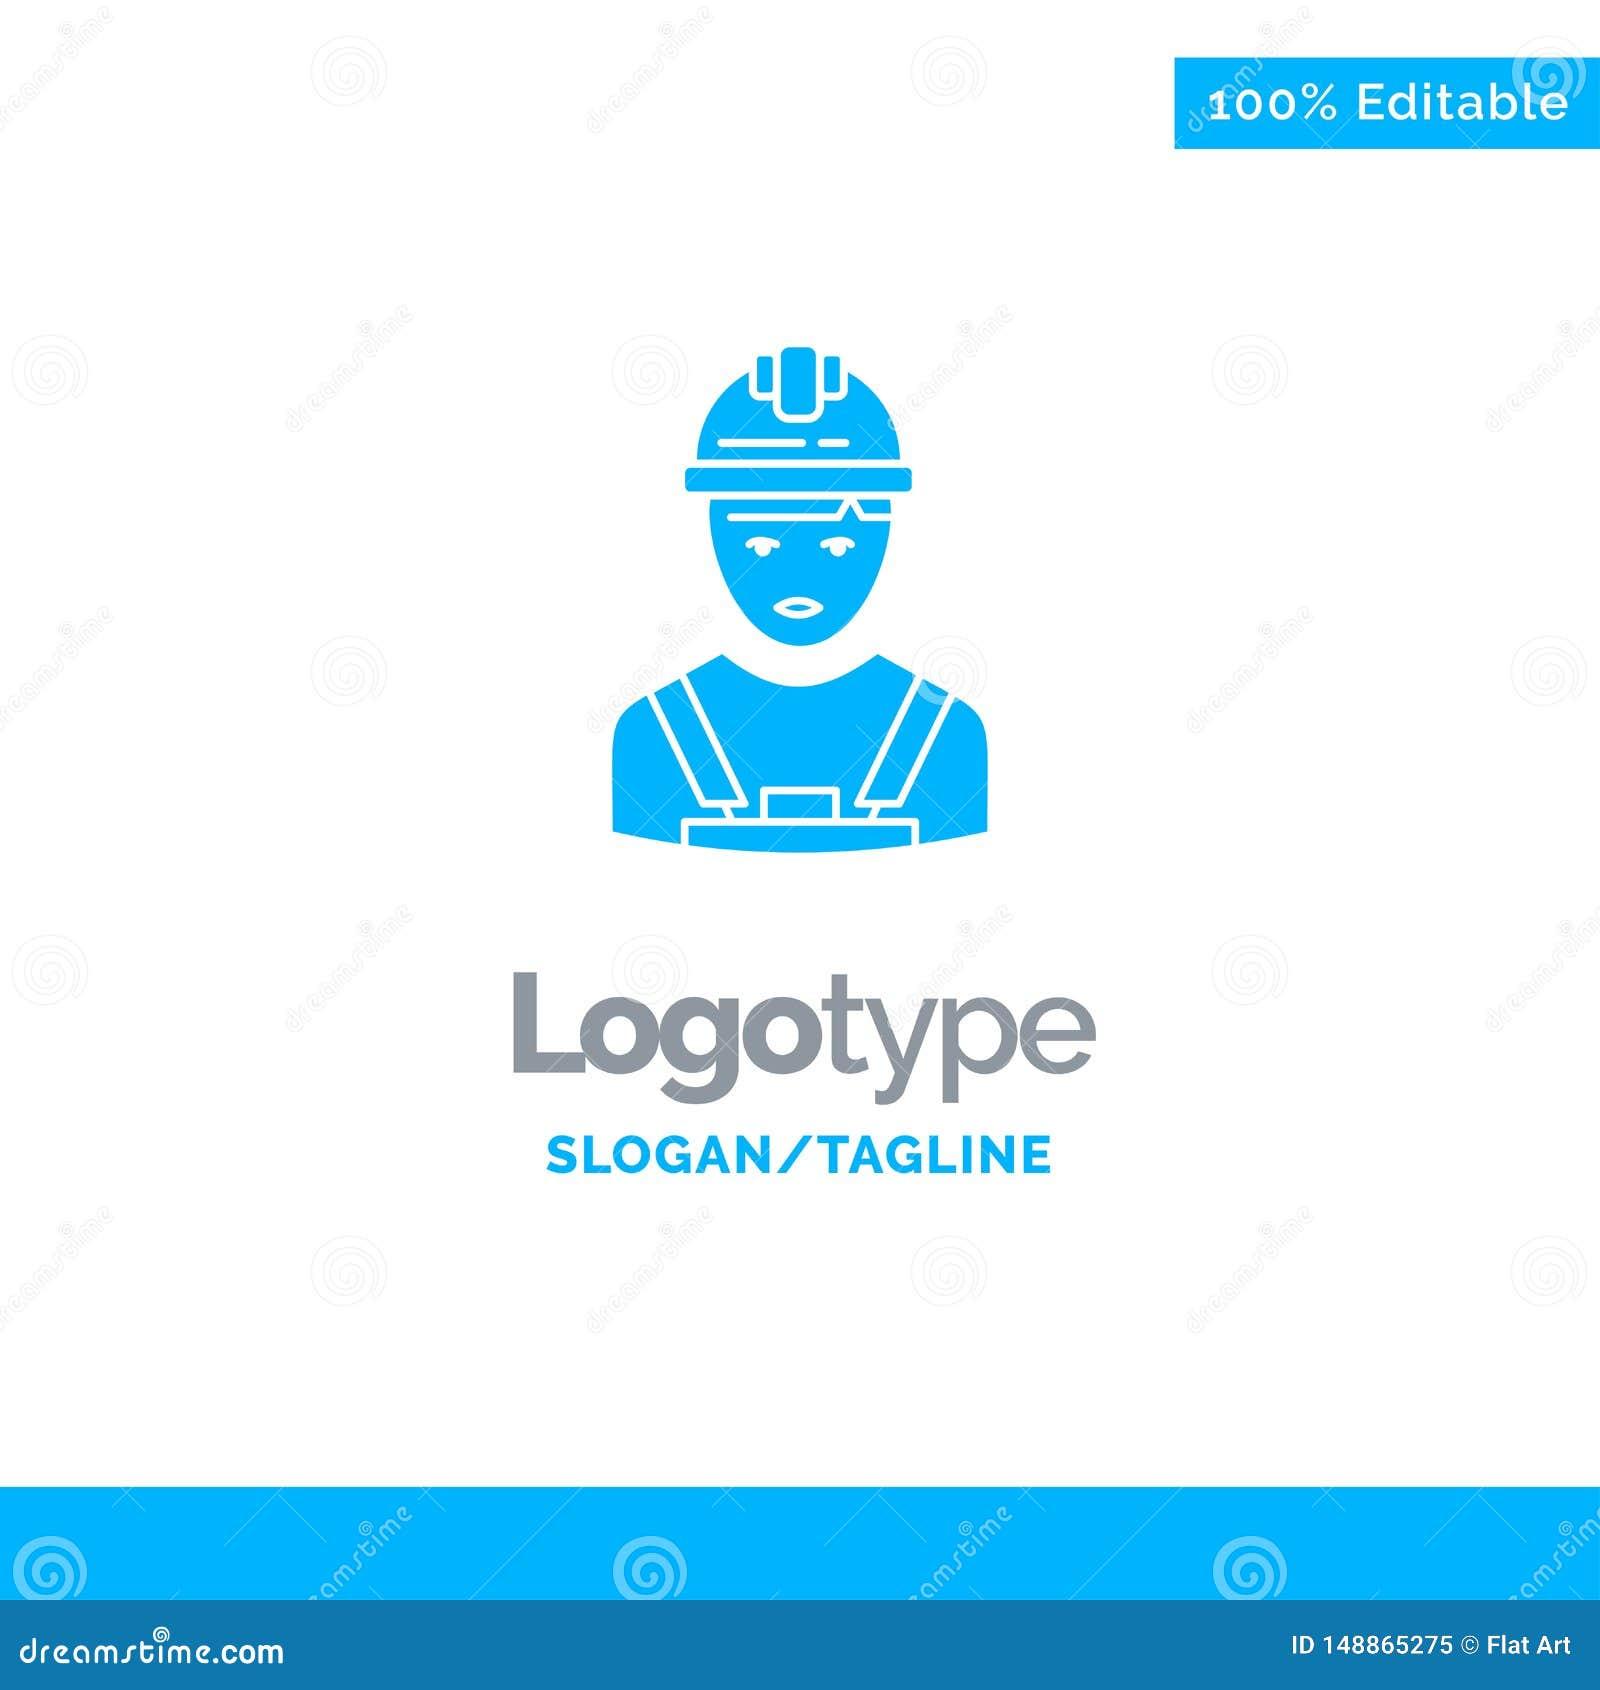 Arbetare bransch, Avatar, tekniker, arbetsledare blåa fasta Logo Template St?lle f?r Tagline